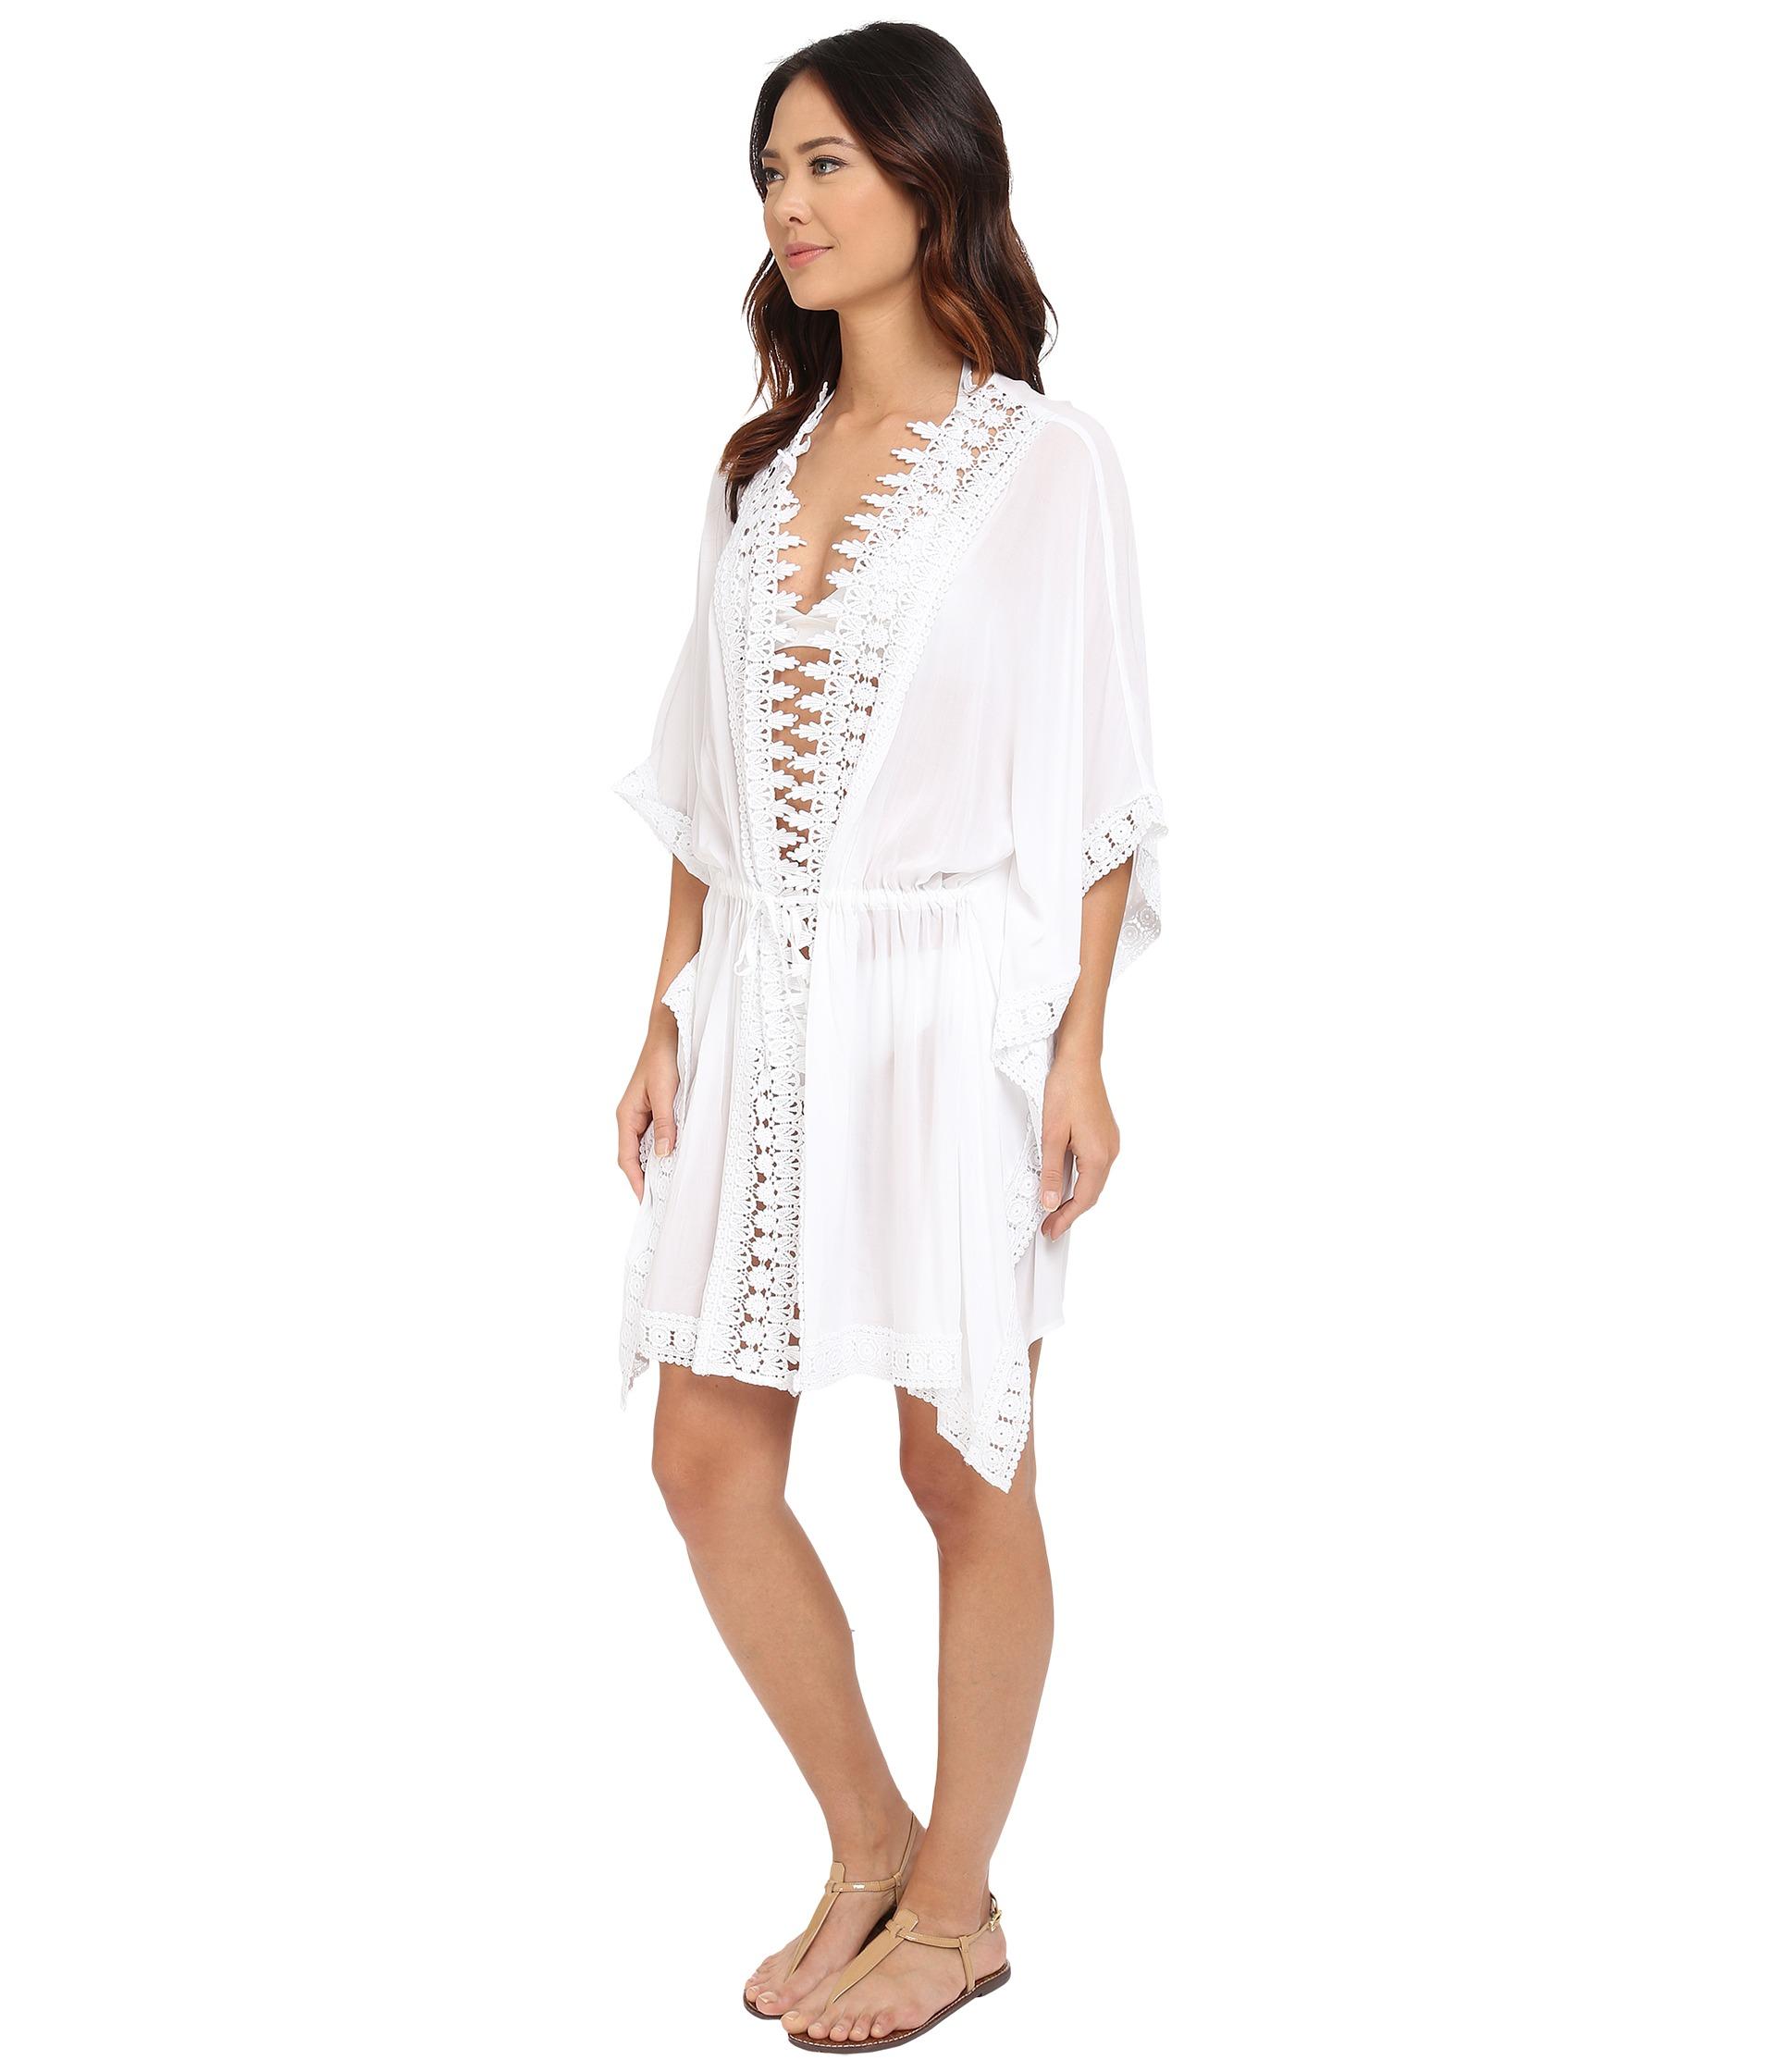 5f22f52ec0 La Blanca Plus Size Costa Brava Kimono Cover-up in White - Lyst